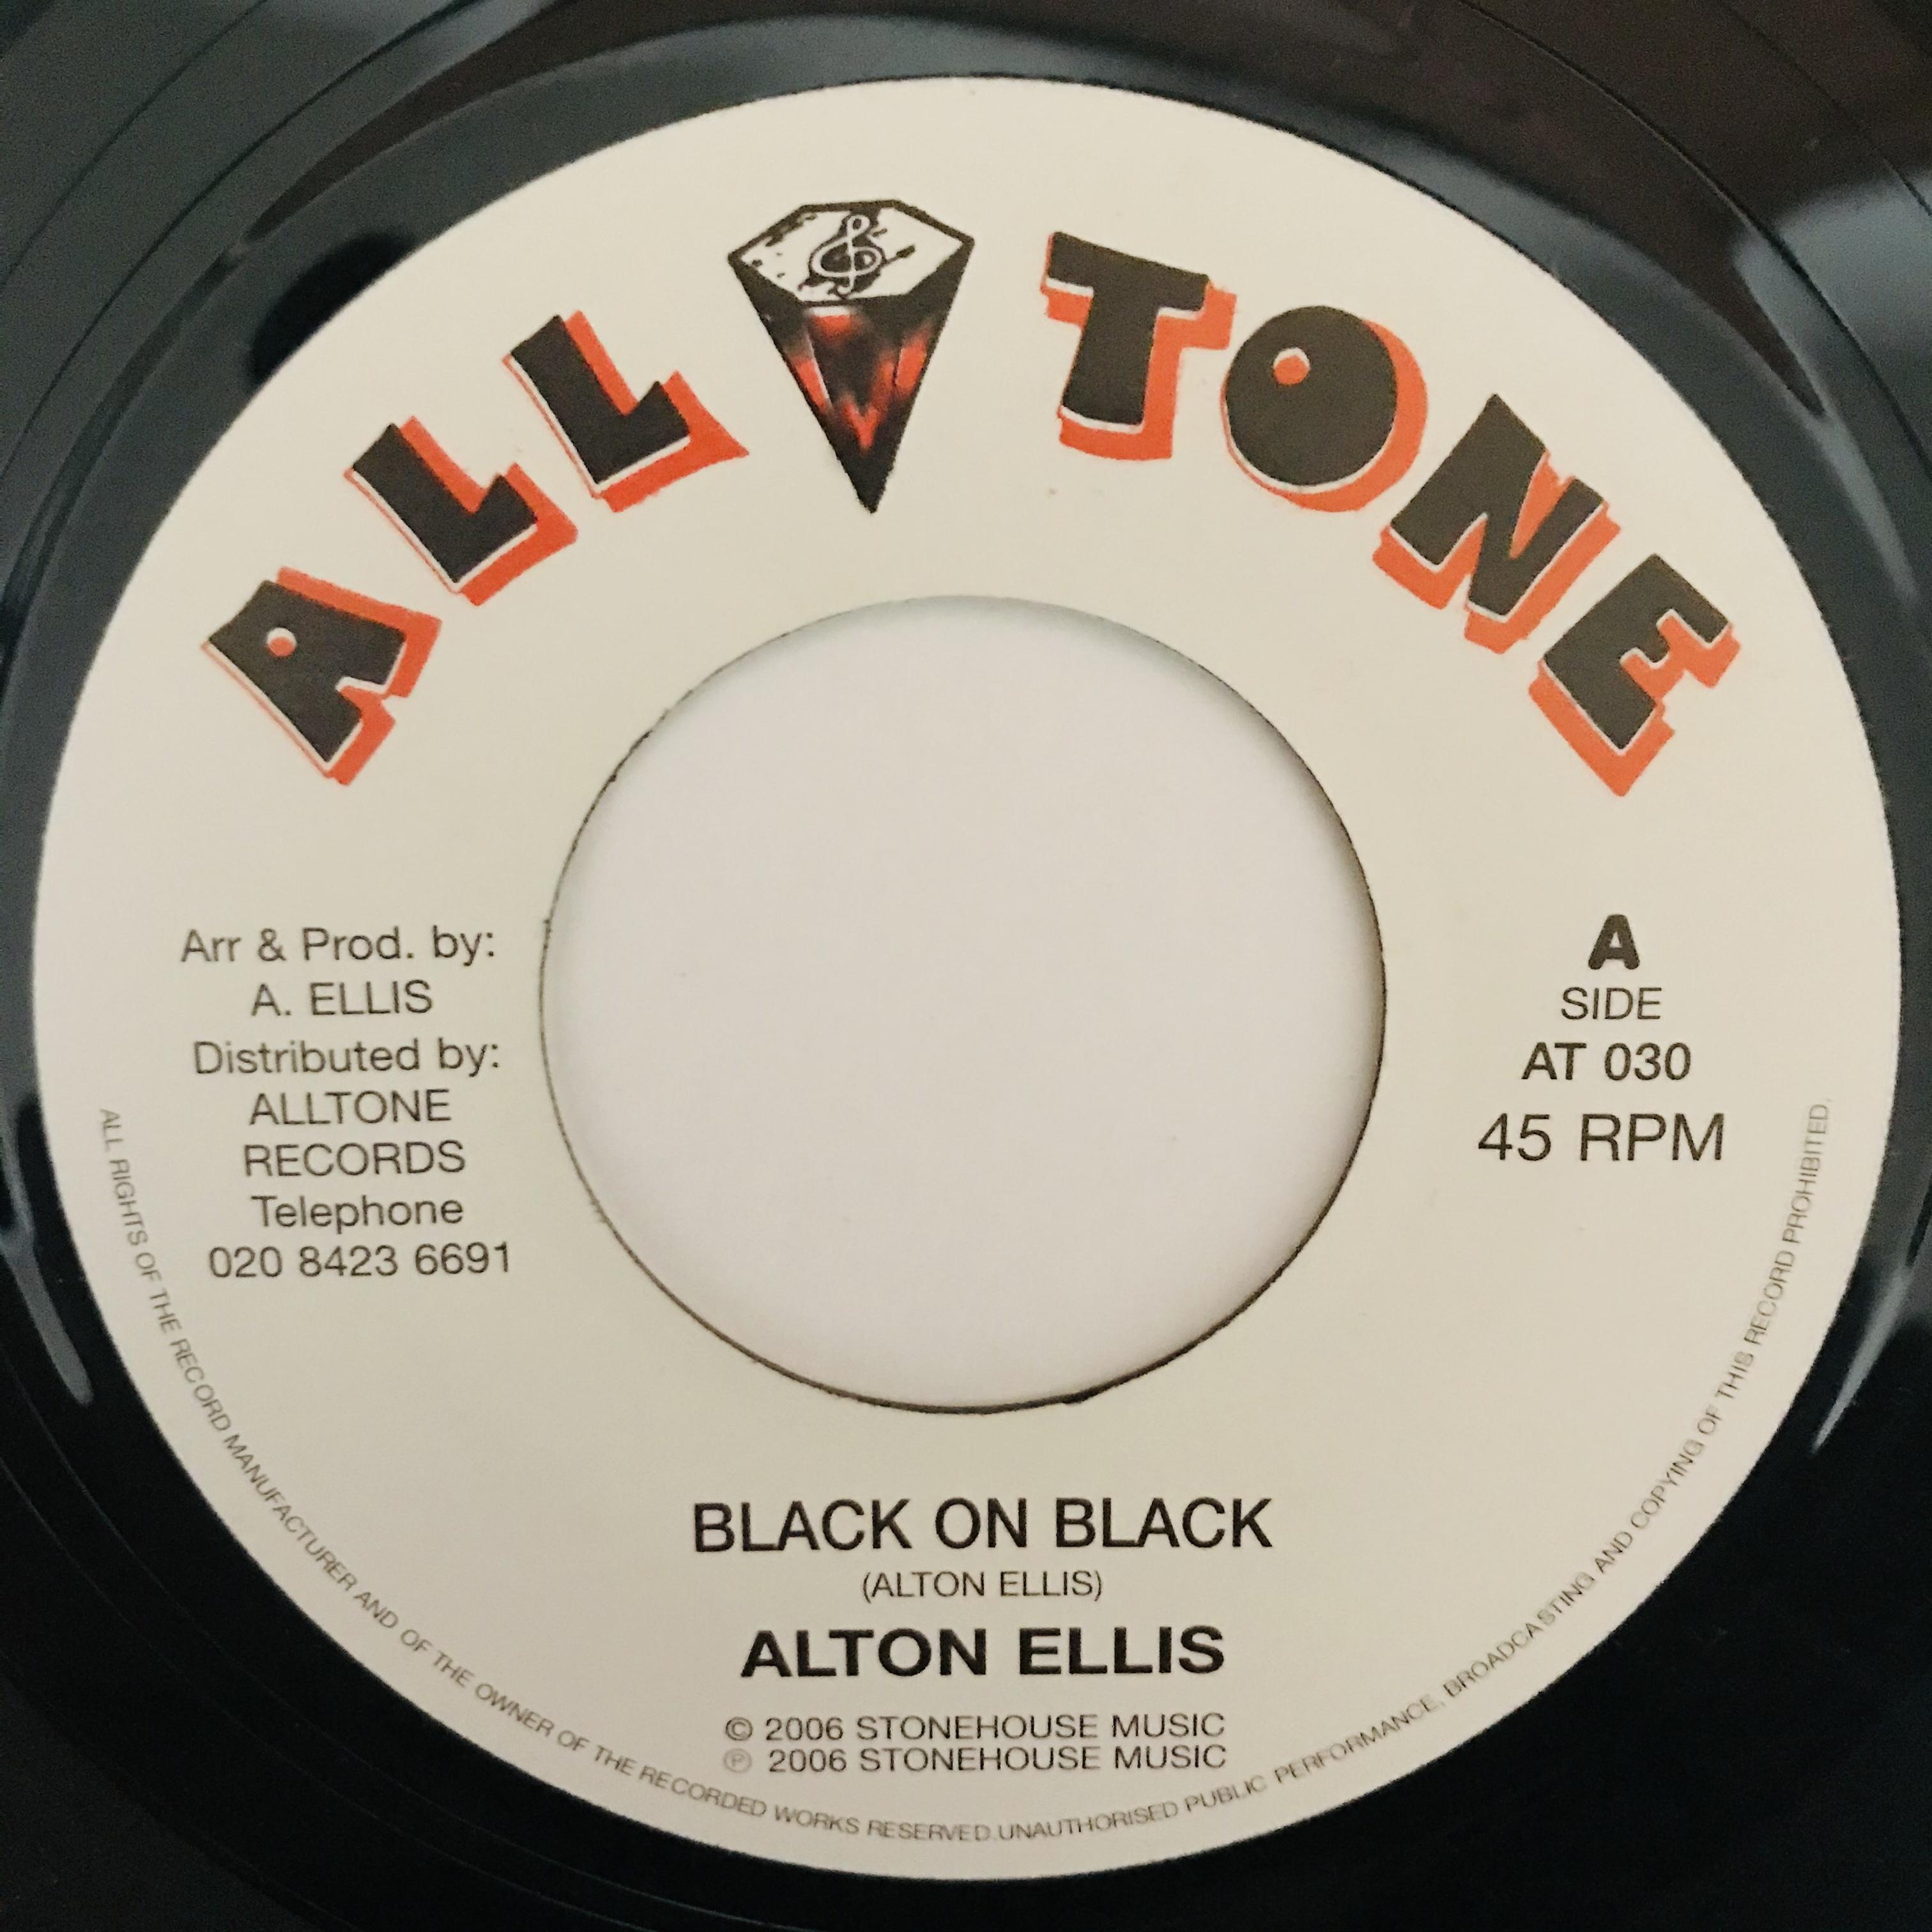 Alton Ellis - Black On Black【7-10990】